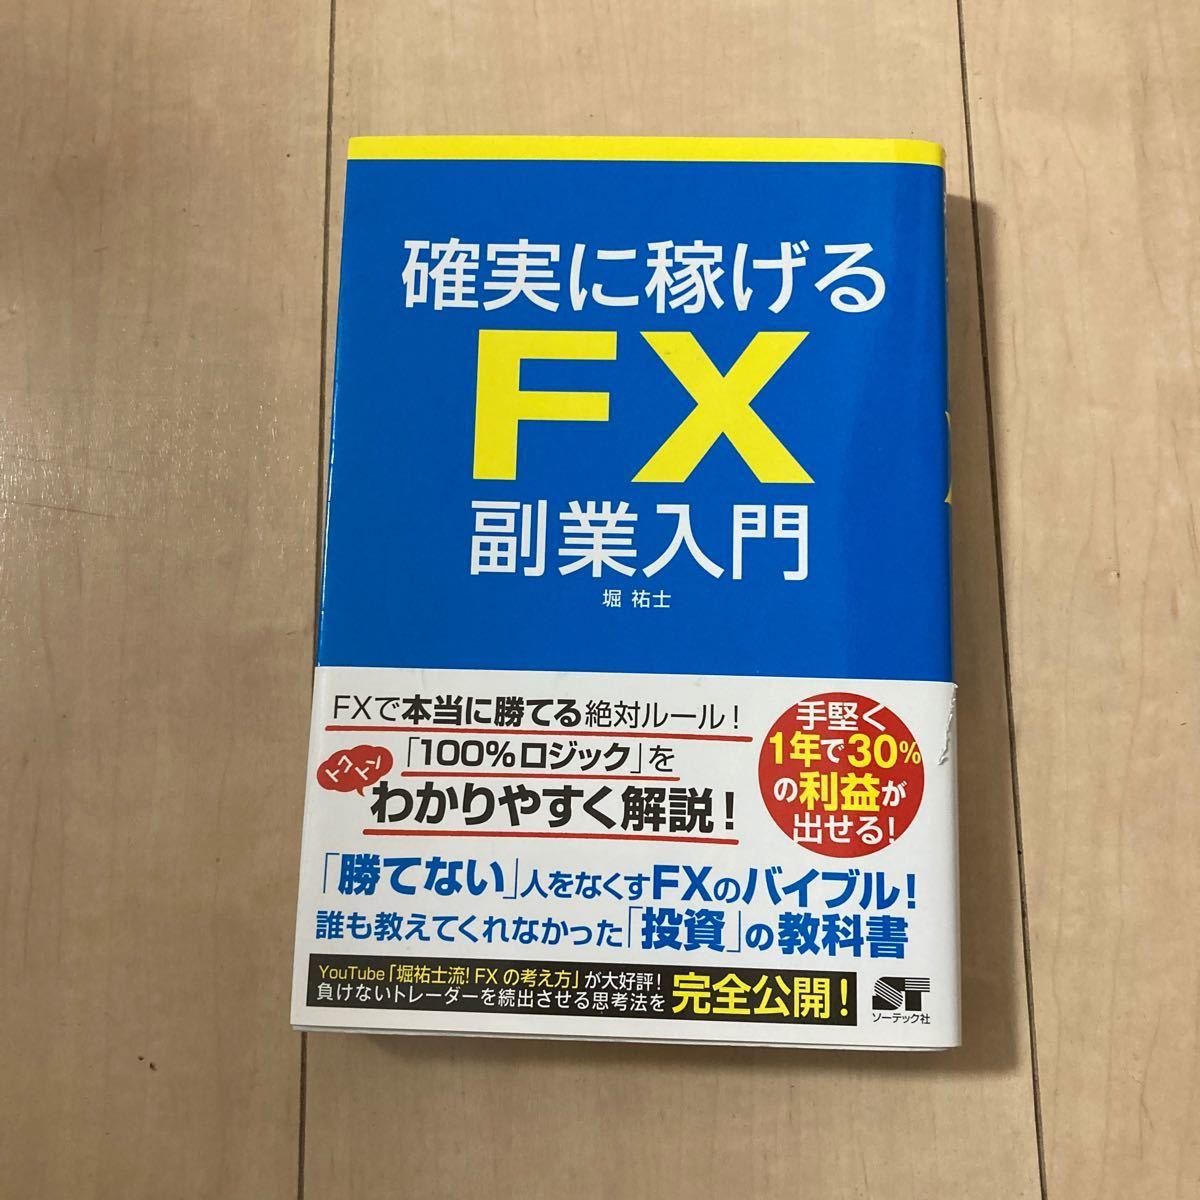 FXで勝ち残る7つの法則 確実に稼げるFX副業入門